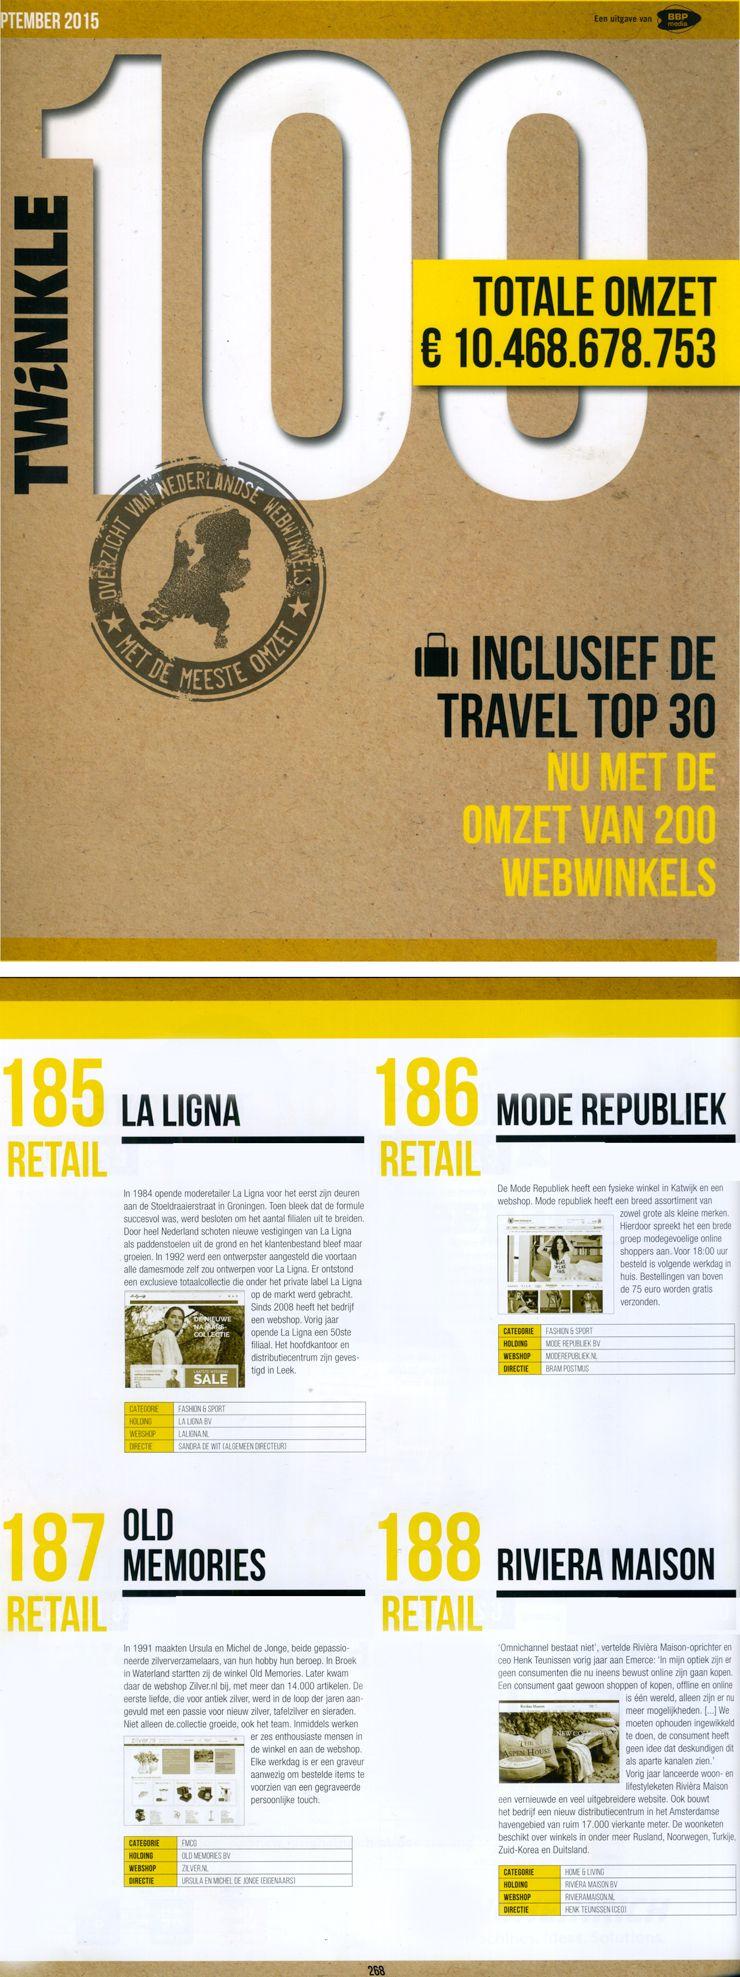 Zilver.nl op nummer 187 in de Twinkle top 100